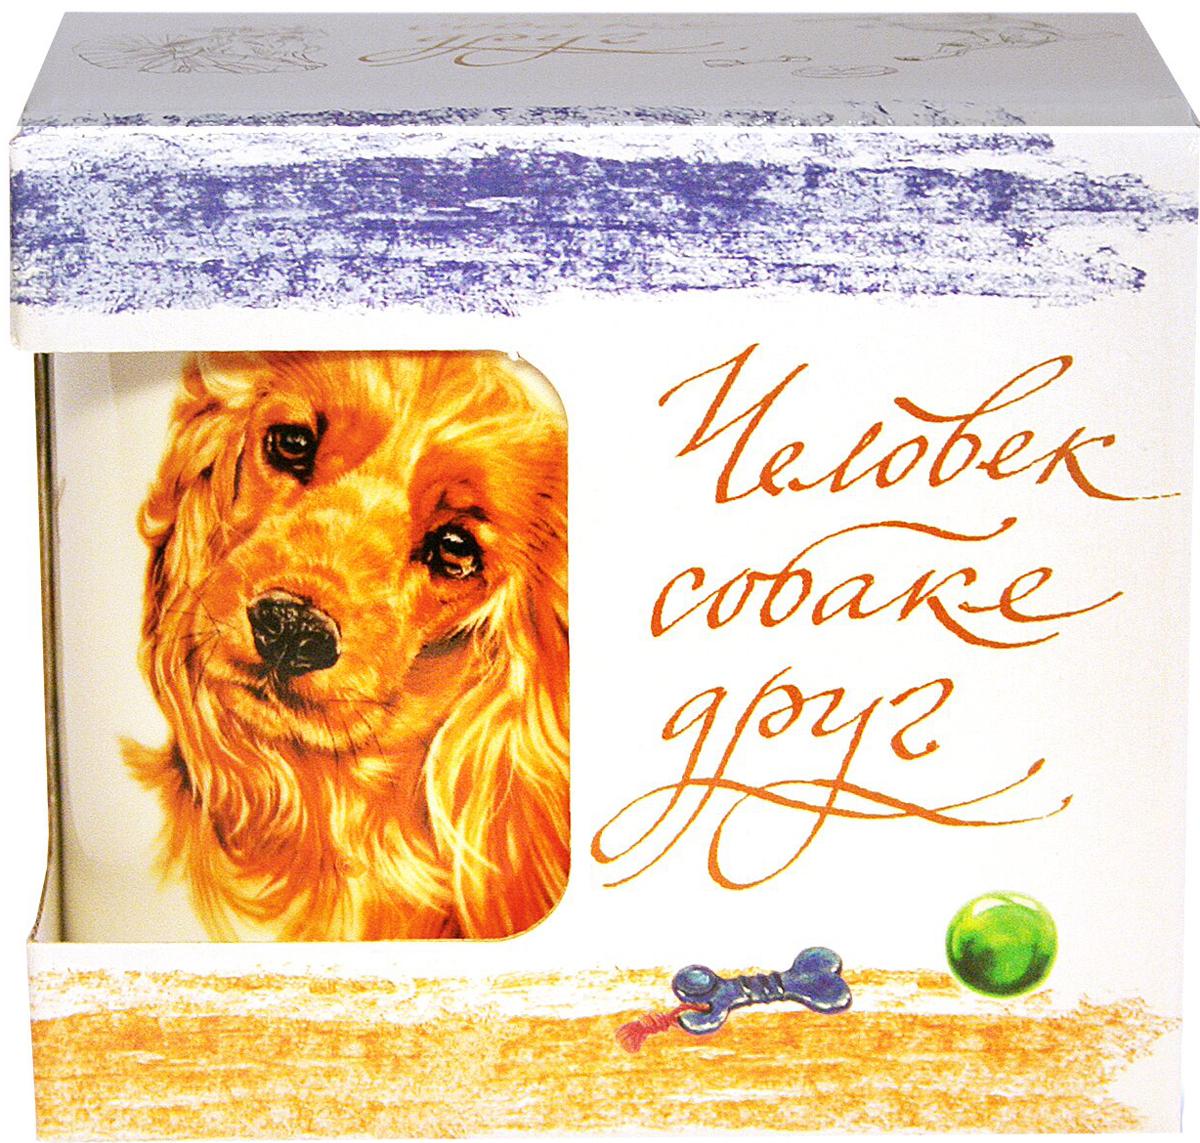 Фото - Кружка PrioritY Человек собаке друг Спаниель 420 мл. в подарочной упаковке кружка priority такса 420 мл